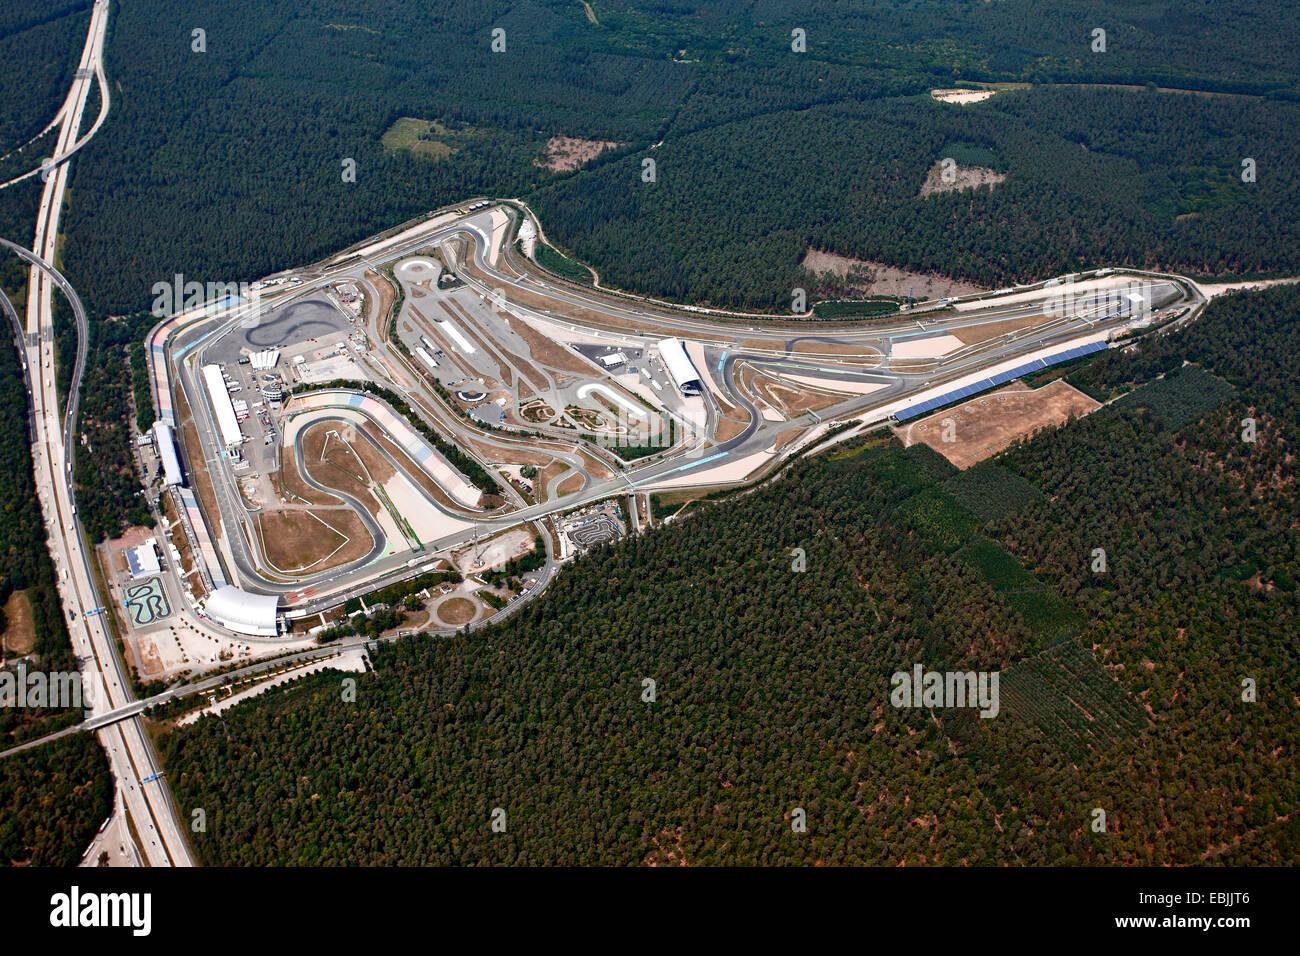 Luftbild von der Motorsport-Rennstrecke Hockenheimring, Deutschland, Baden-Württemberg, Hockenheim Stockbild